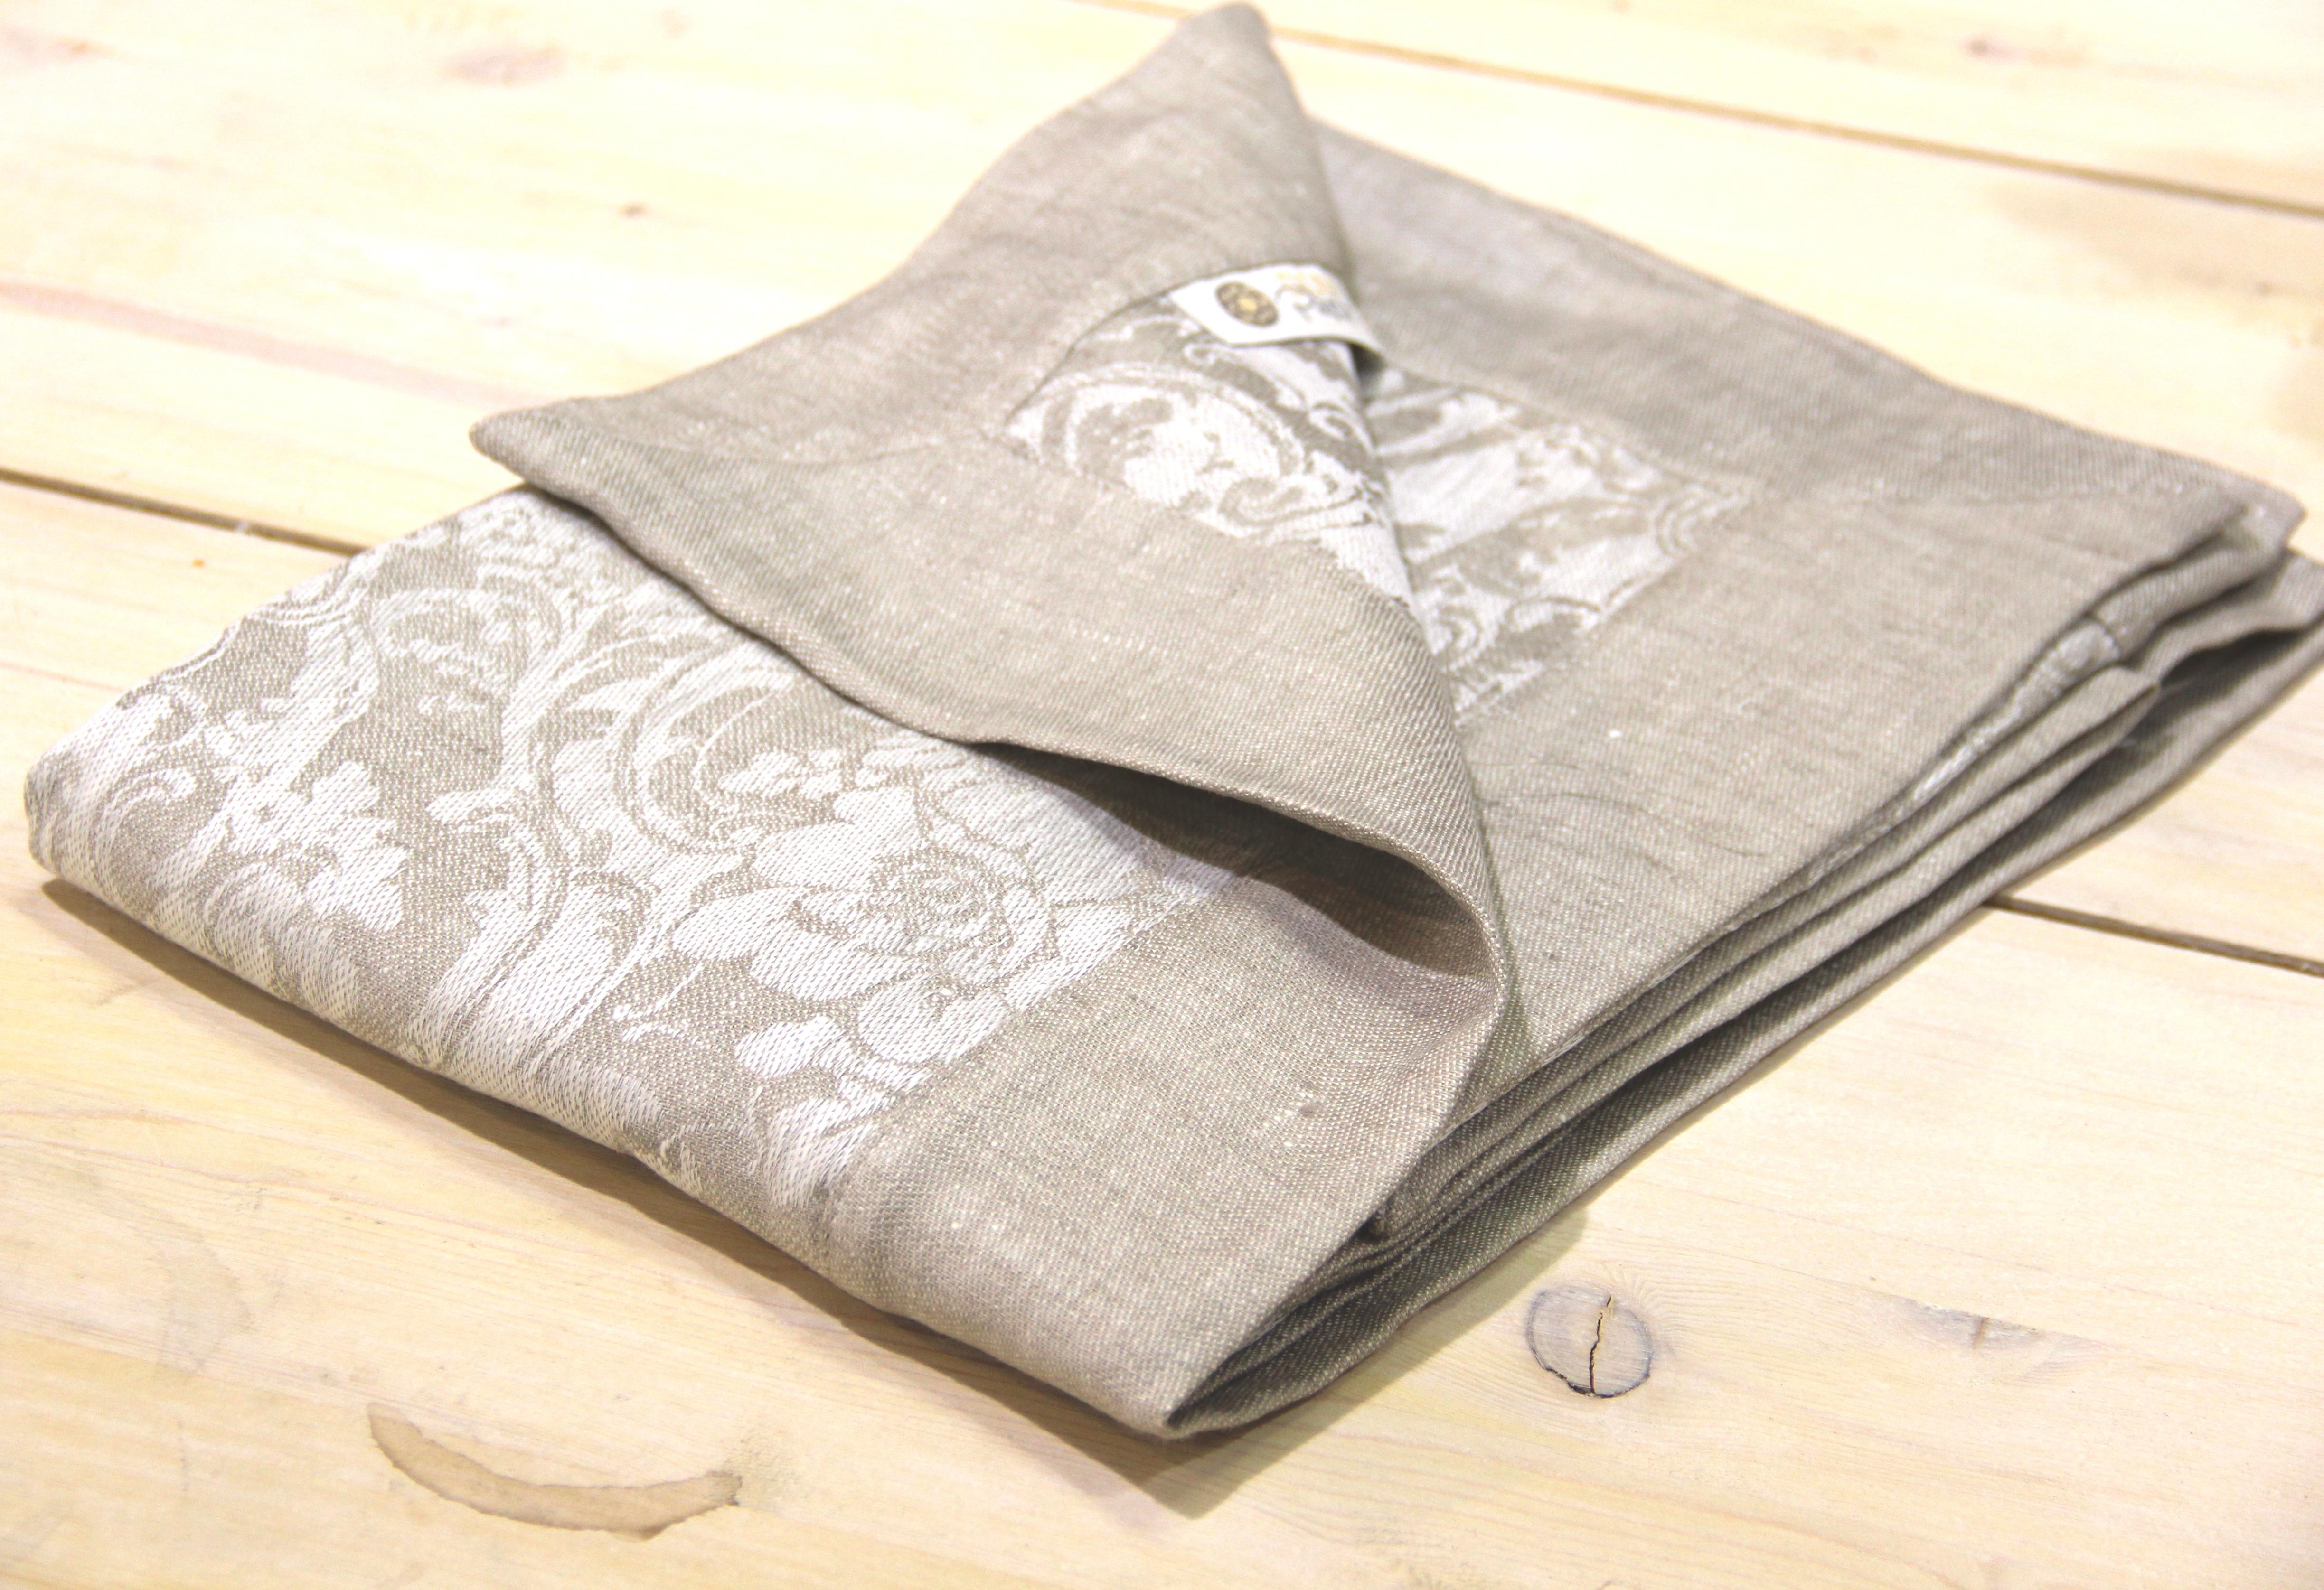 текстиль для кухни марки DOMpastel - скатерти, дорожки и салфетки из натуральному льна.